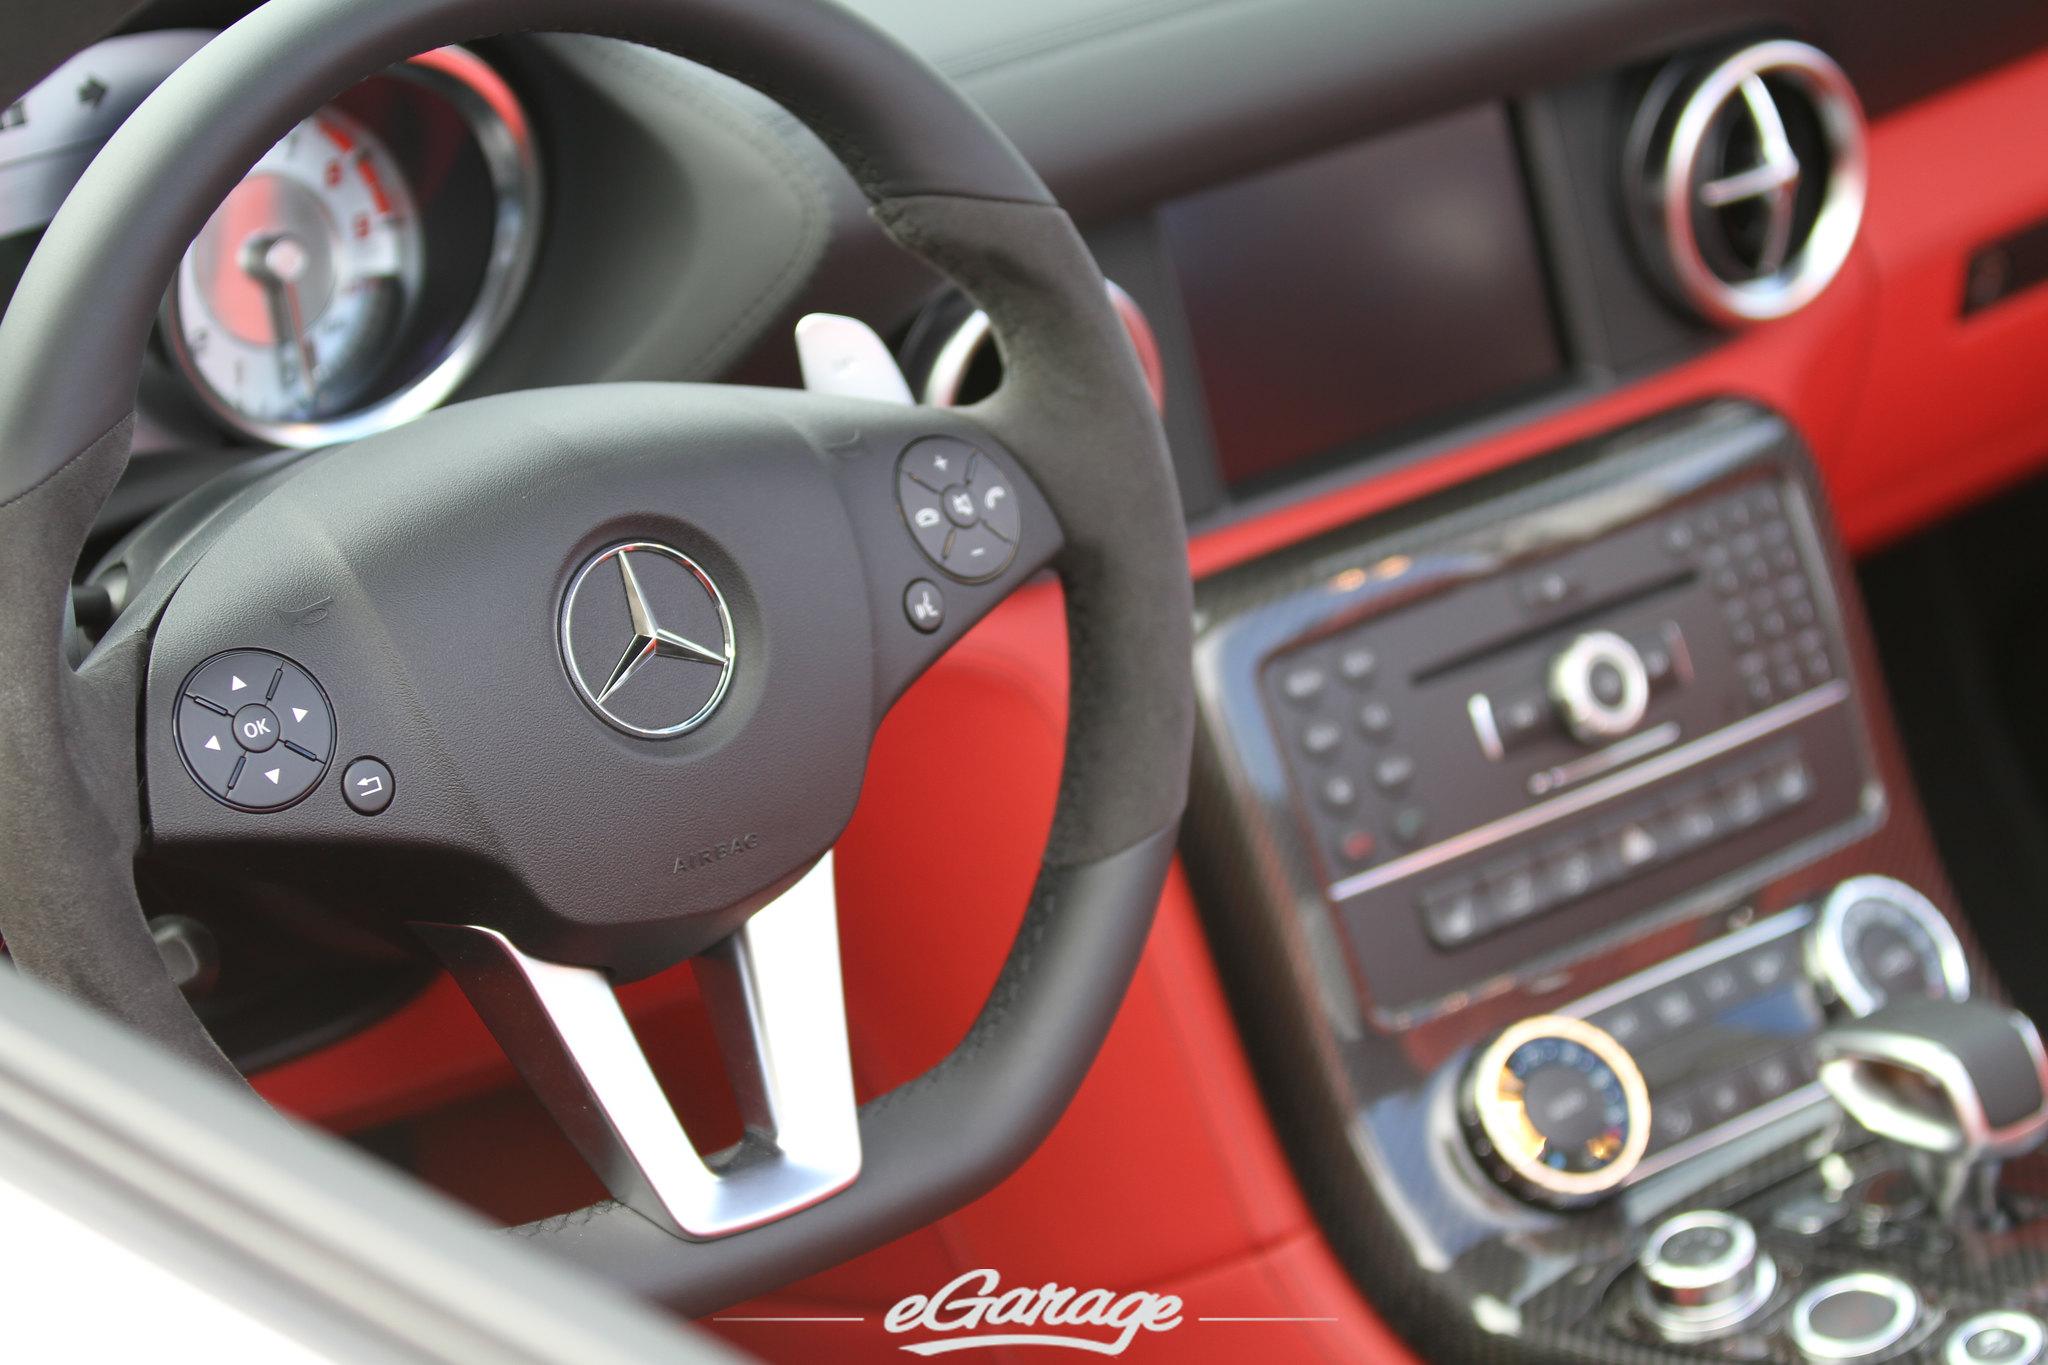 7828659838 58462dea2f k Mercedes Benz Classic